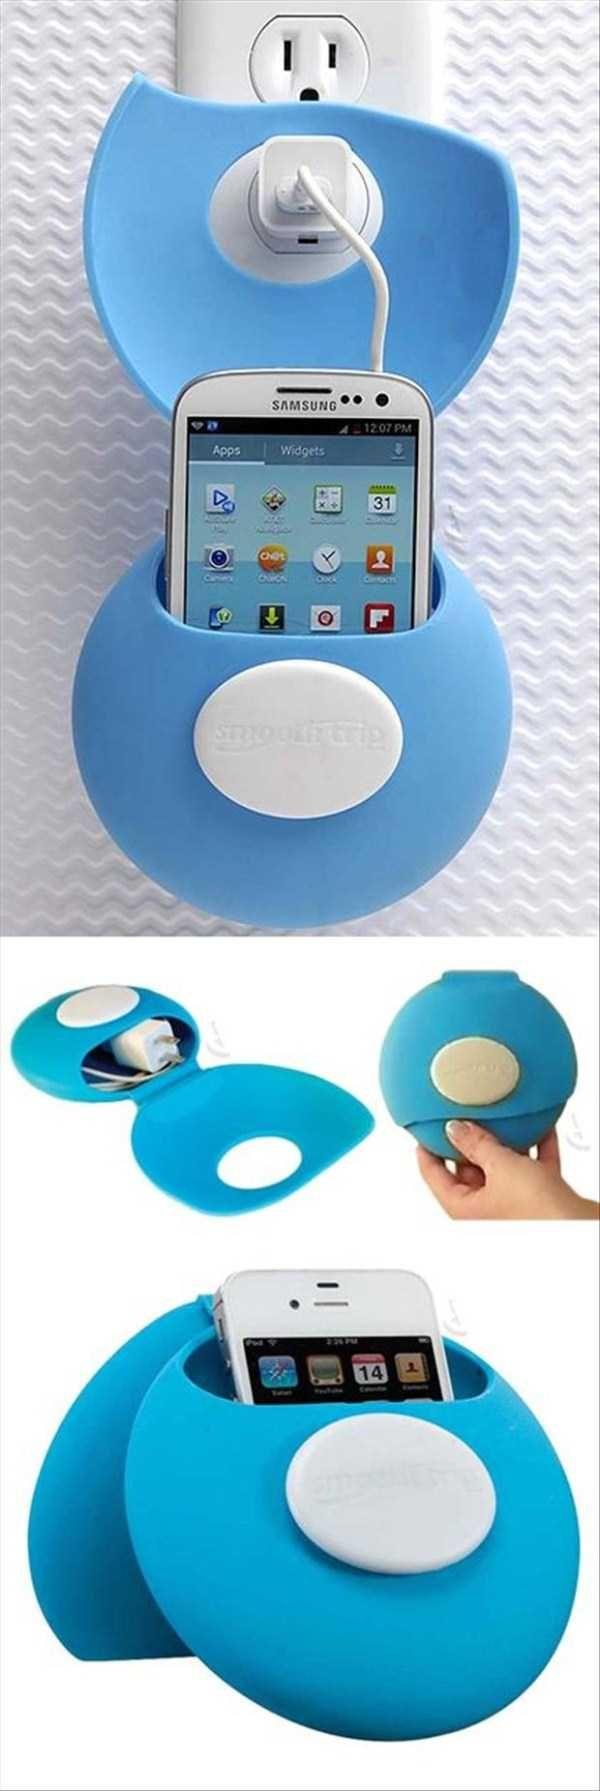 Invenções simples e criativas para facilitar nossa vida